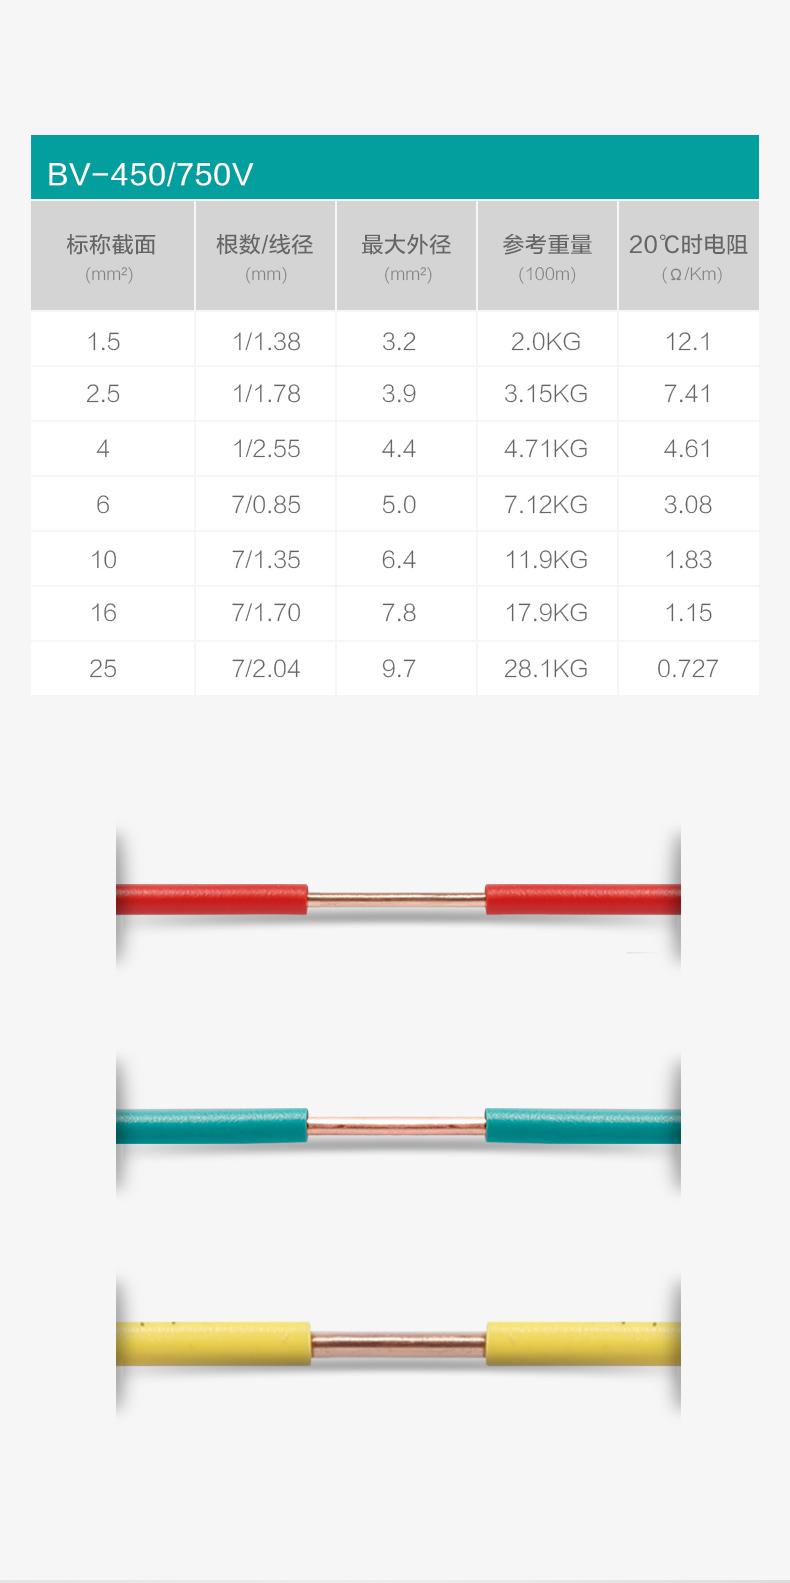 亿博体育娱乐电线参数-家装电线型号价格-亿博体育娱乐电缆集团